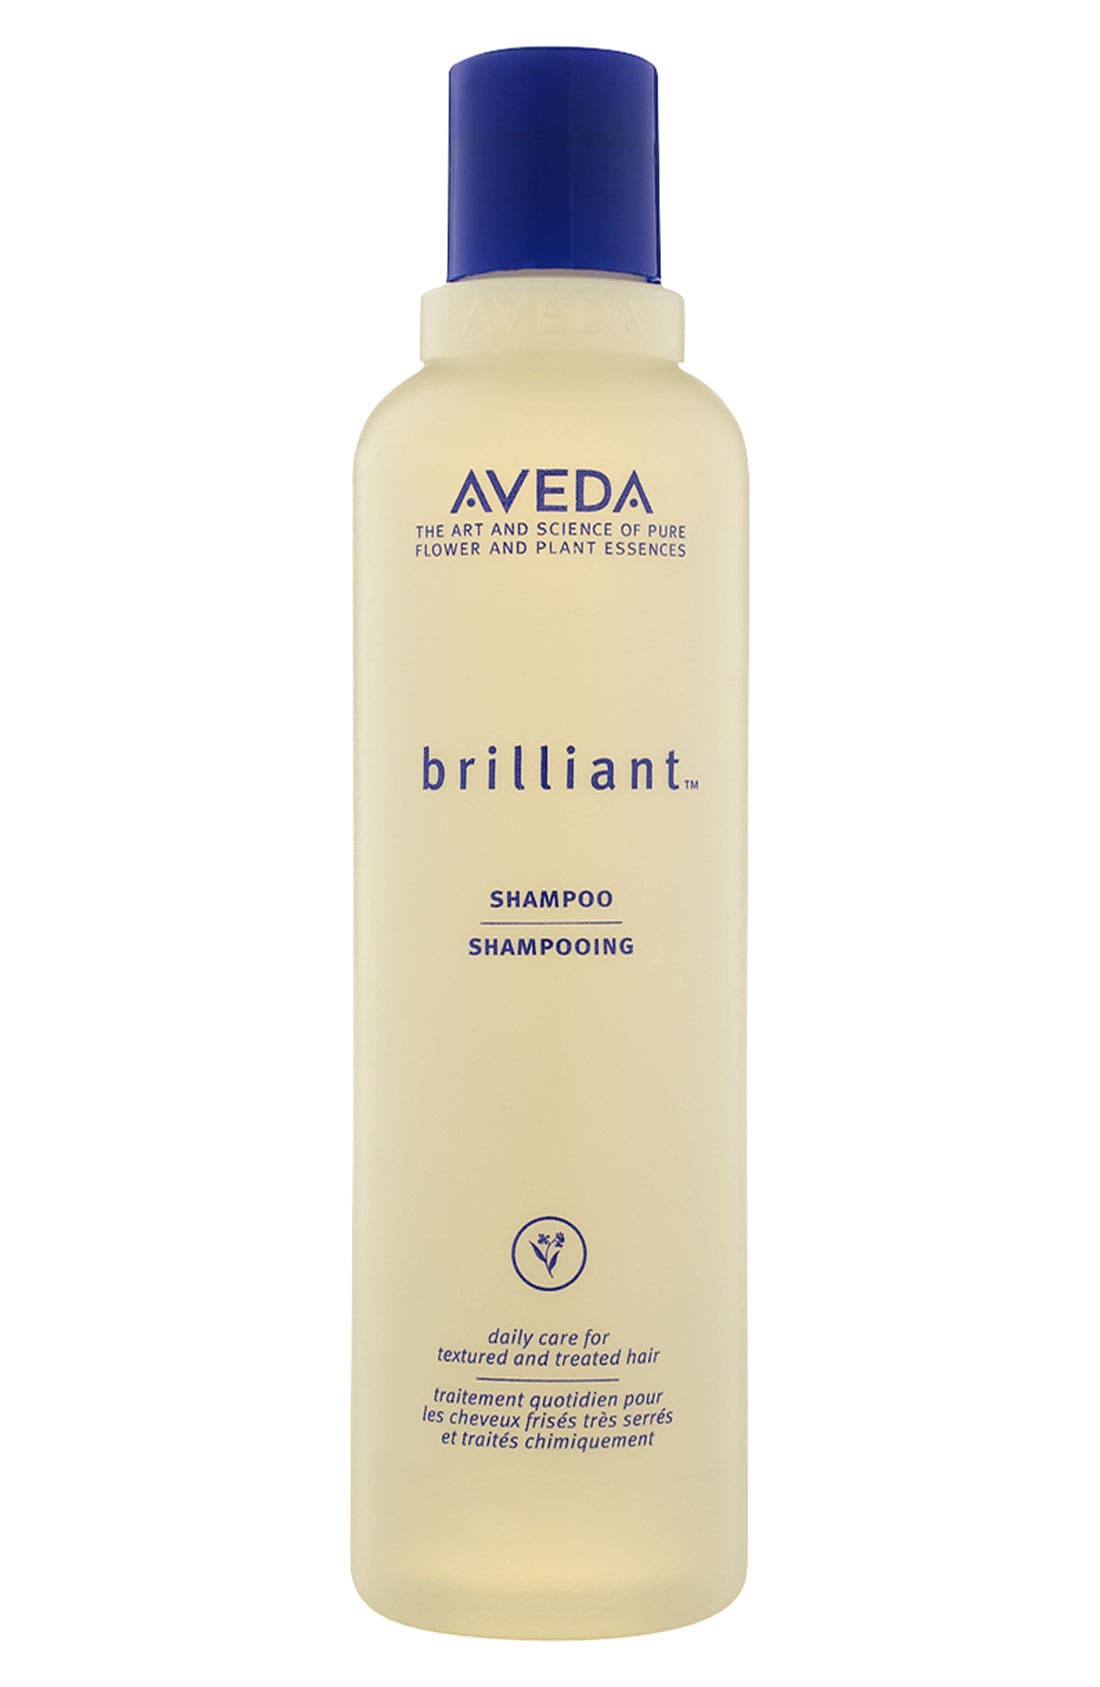 AVEDA,                             brilliant<sup>™</sup> Shampoo,                             Main thumbnail 1, color,                             NO COLOR